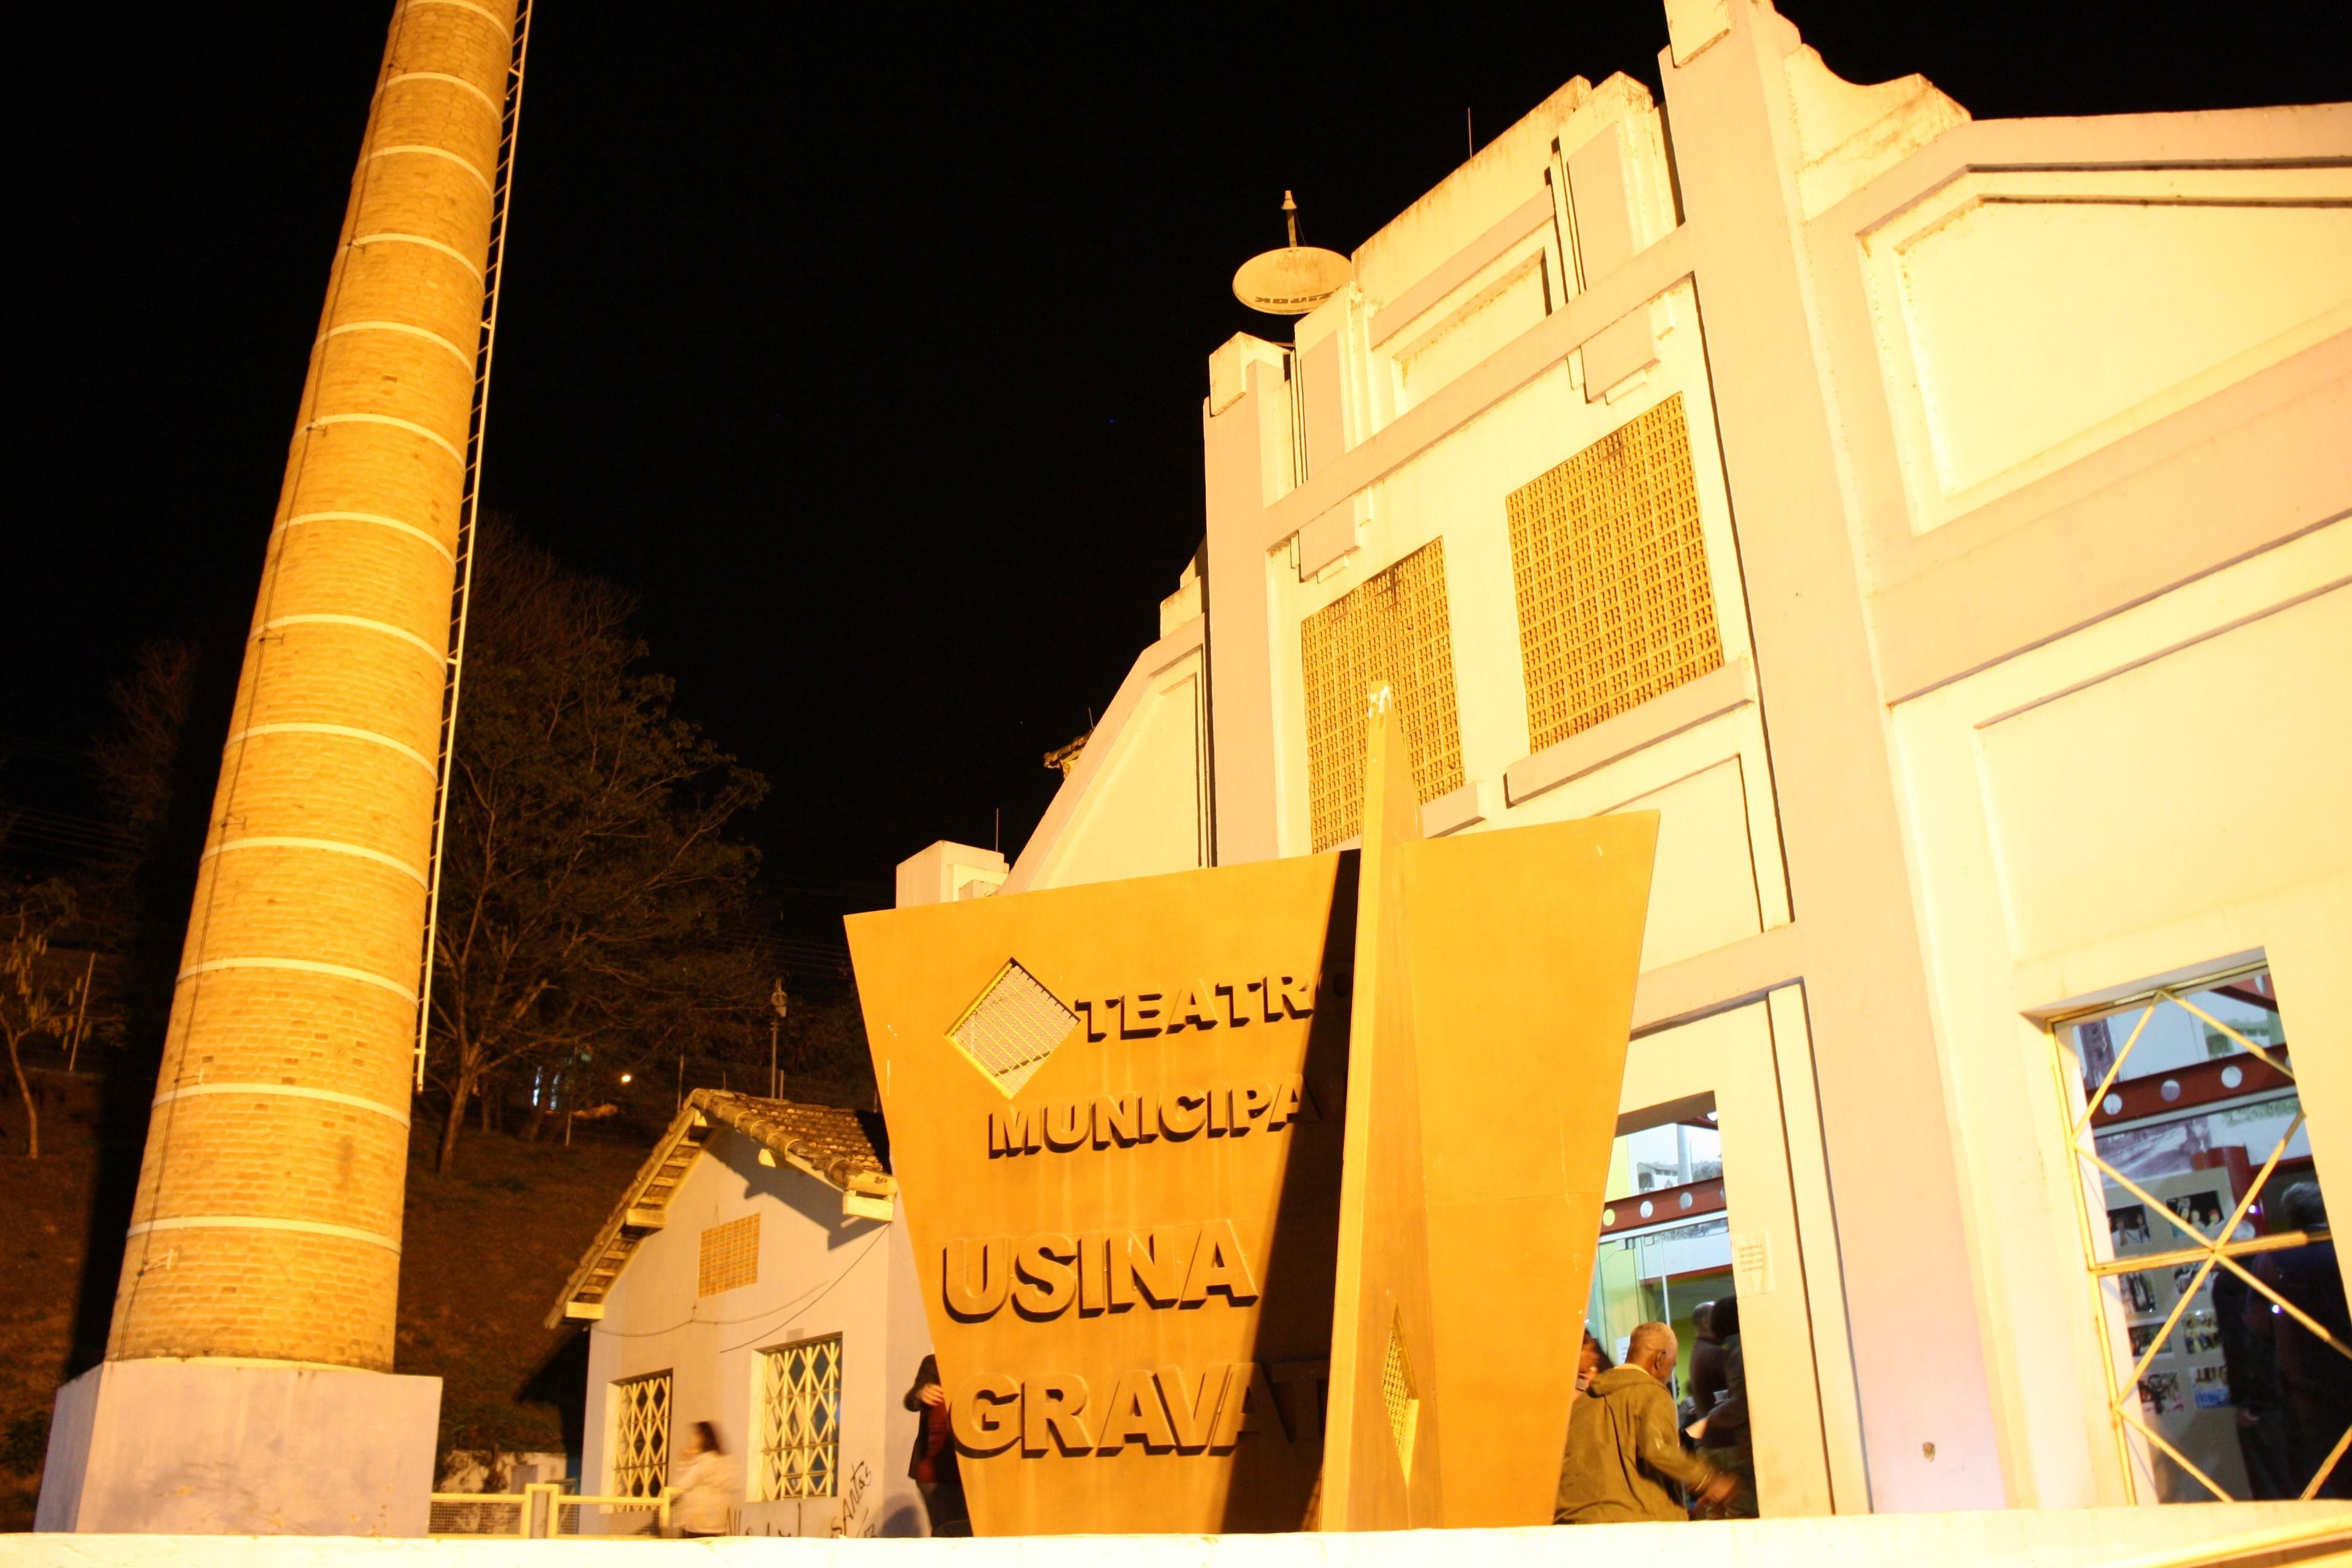 Olhar artístico voltado ao patrimônio cultural é destaque de concurso fotográfico em Divinópolis - Notícias - Plantão Diário